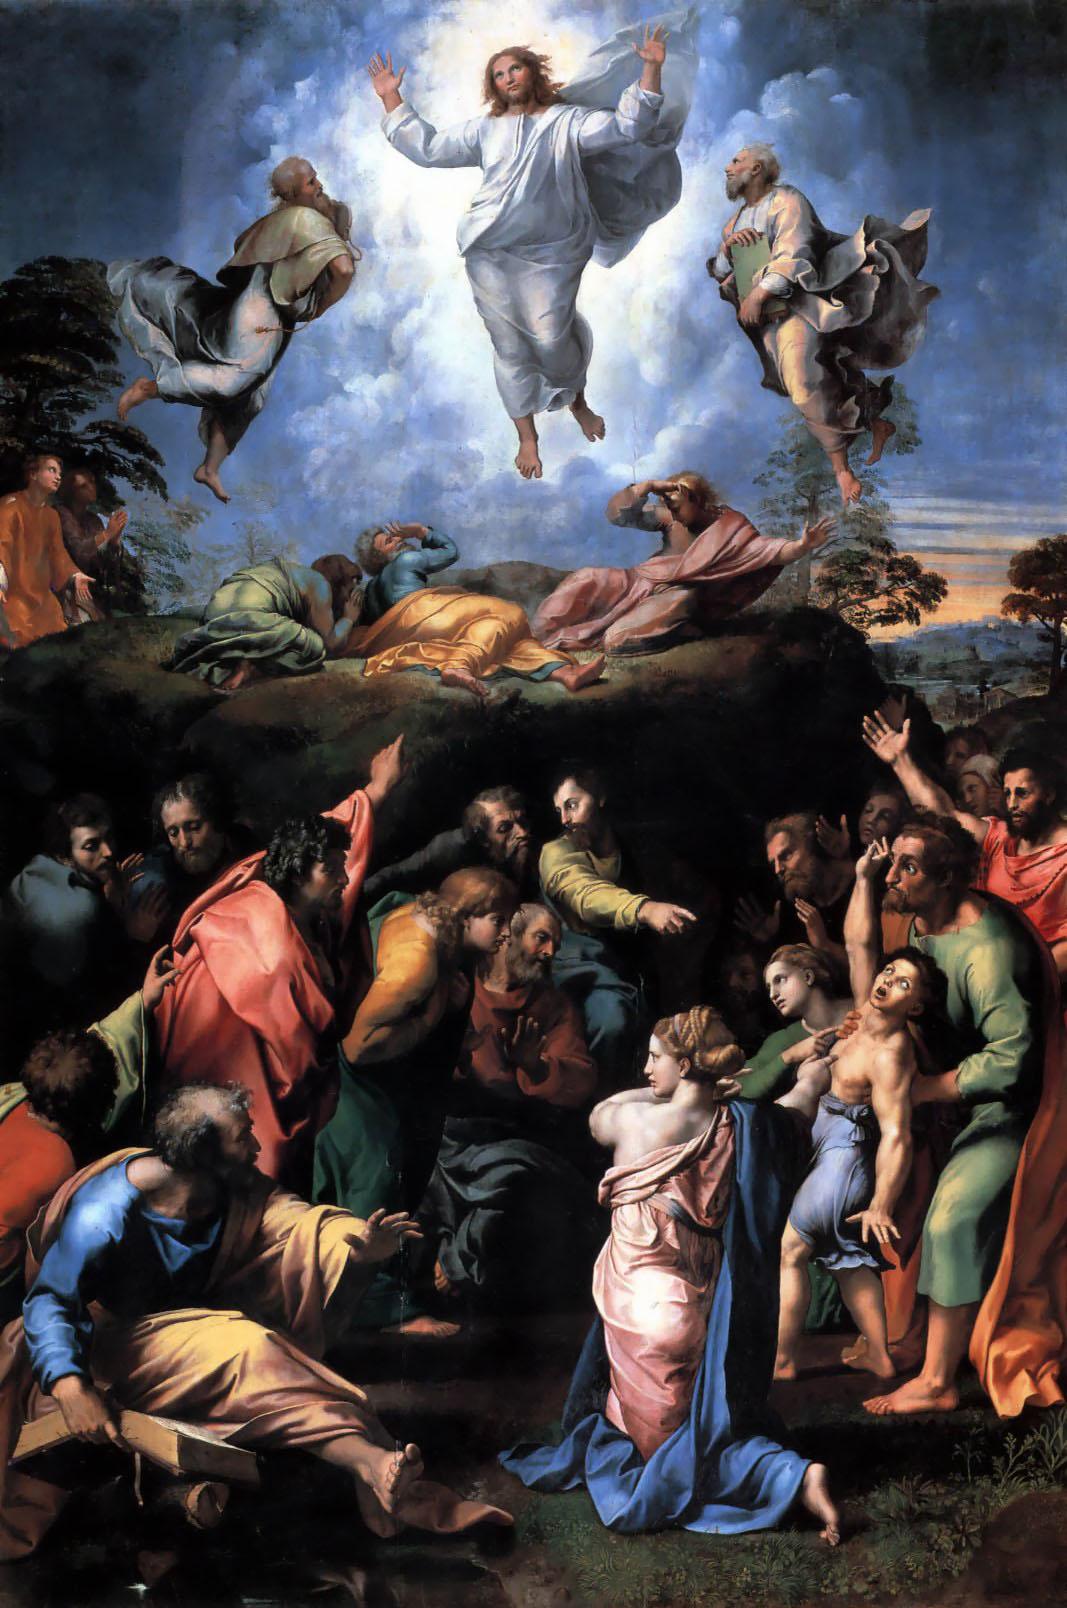 Die Verklärung des Herrn, auch Transfiguration gemalt, von Raphael.